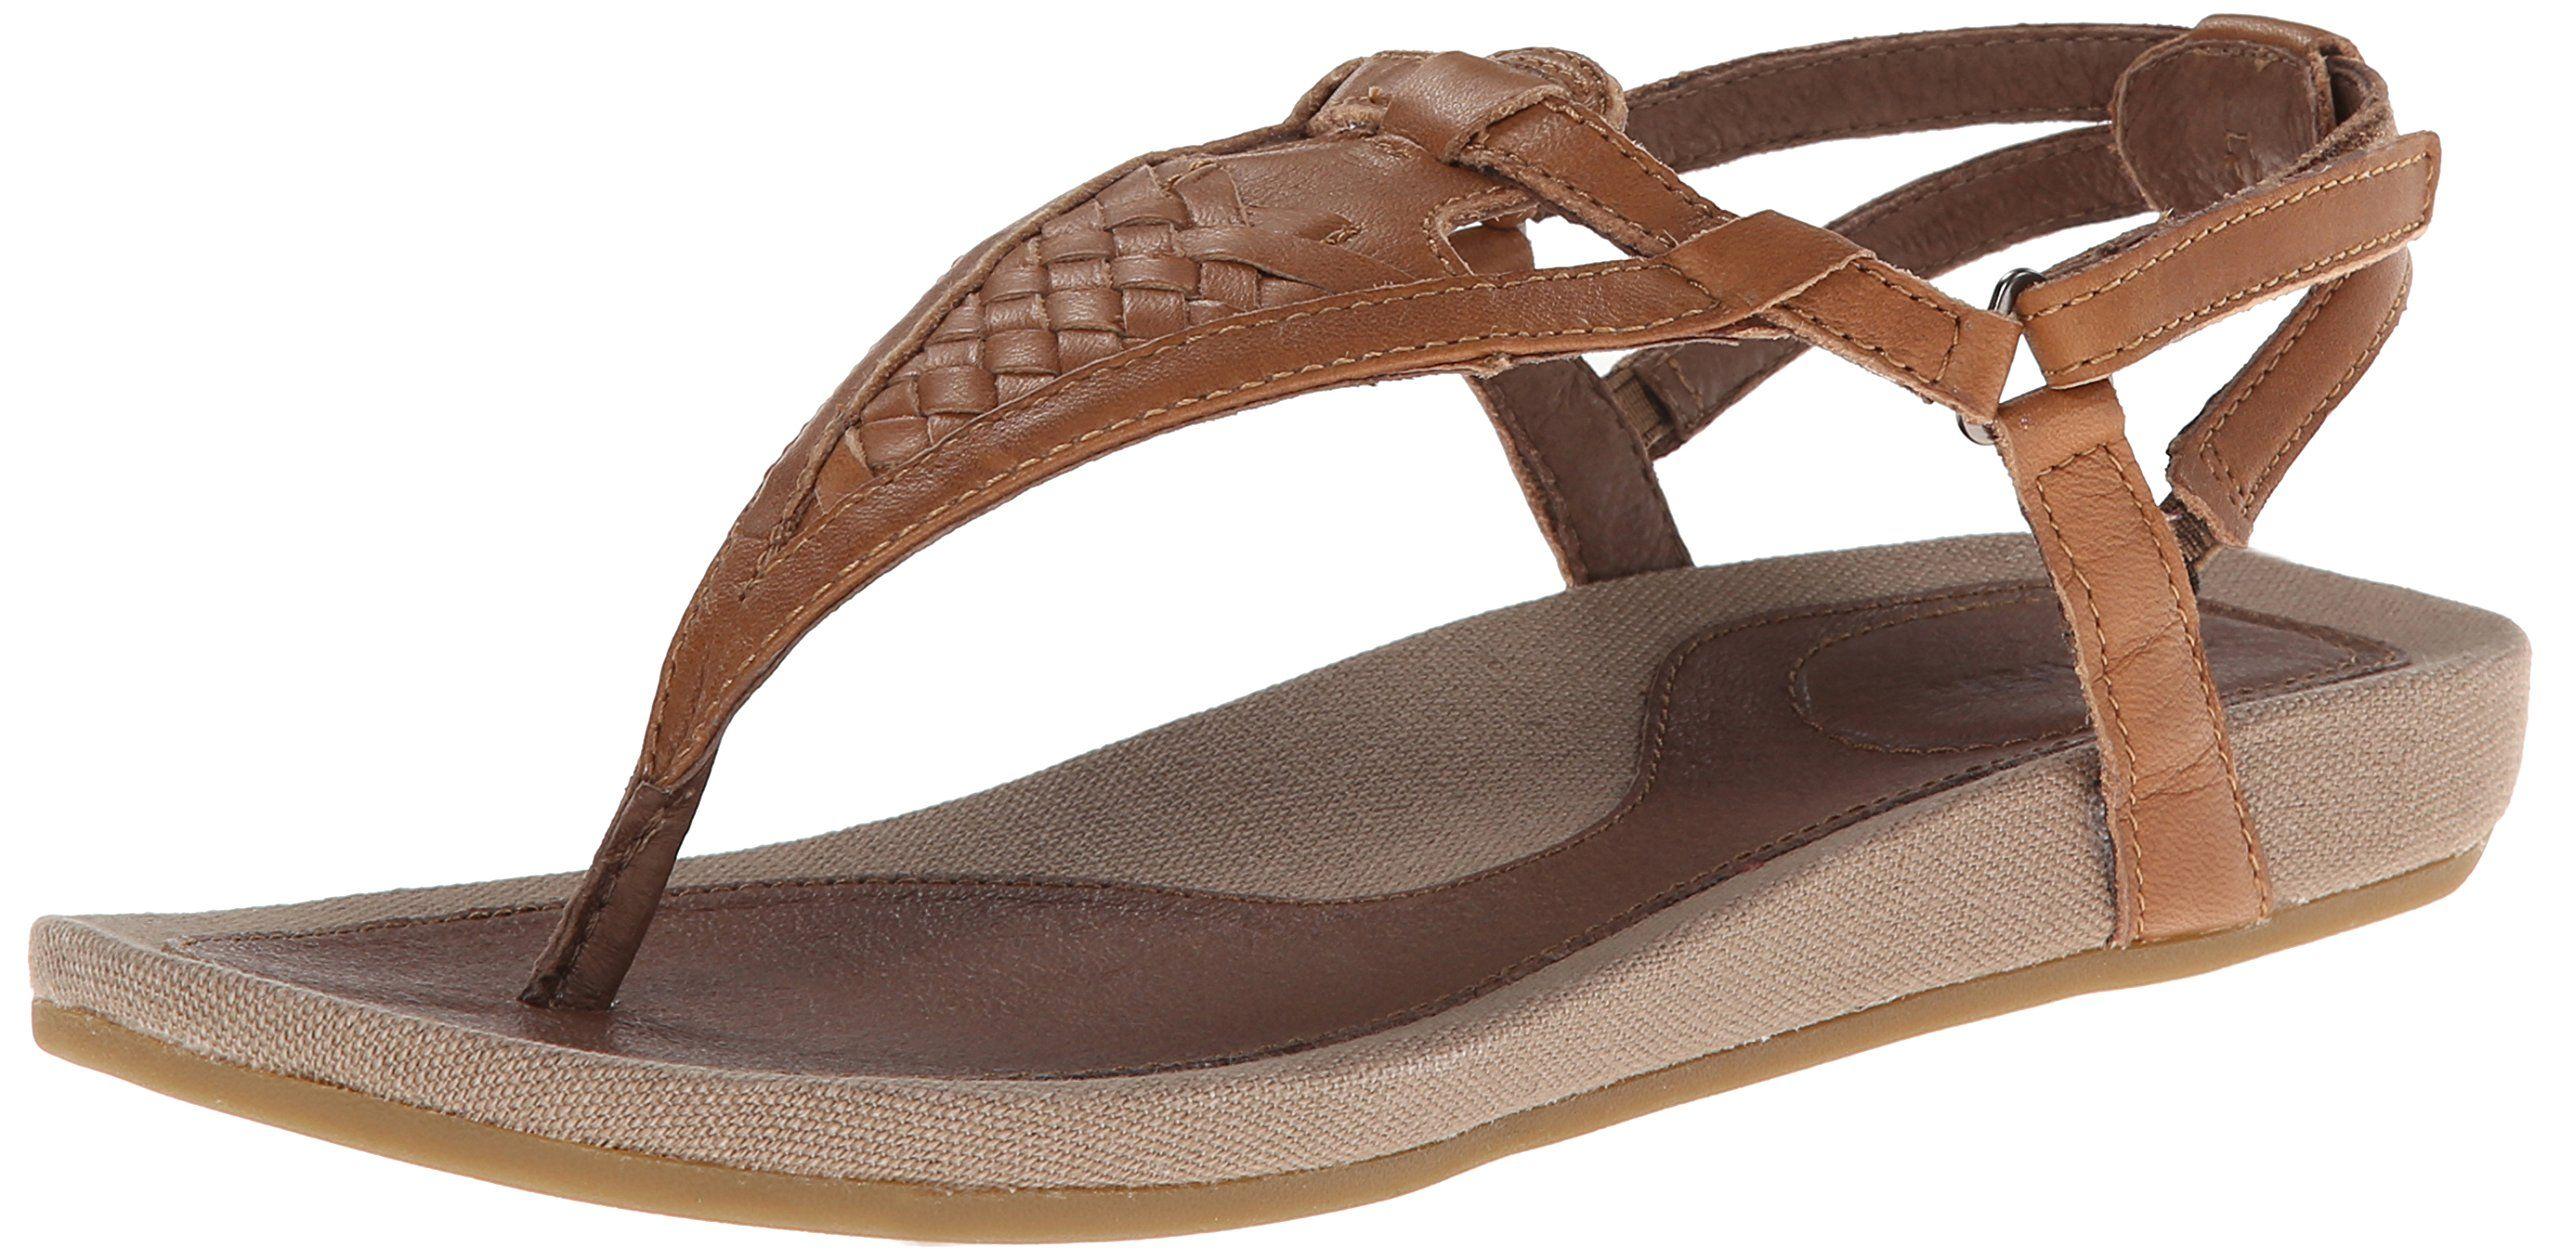 0d14e3b3800 Amazon.com  Teva Women s Capri SW Slide Sandal  Shoes